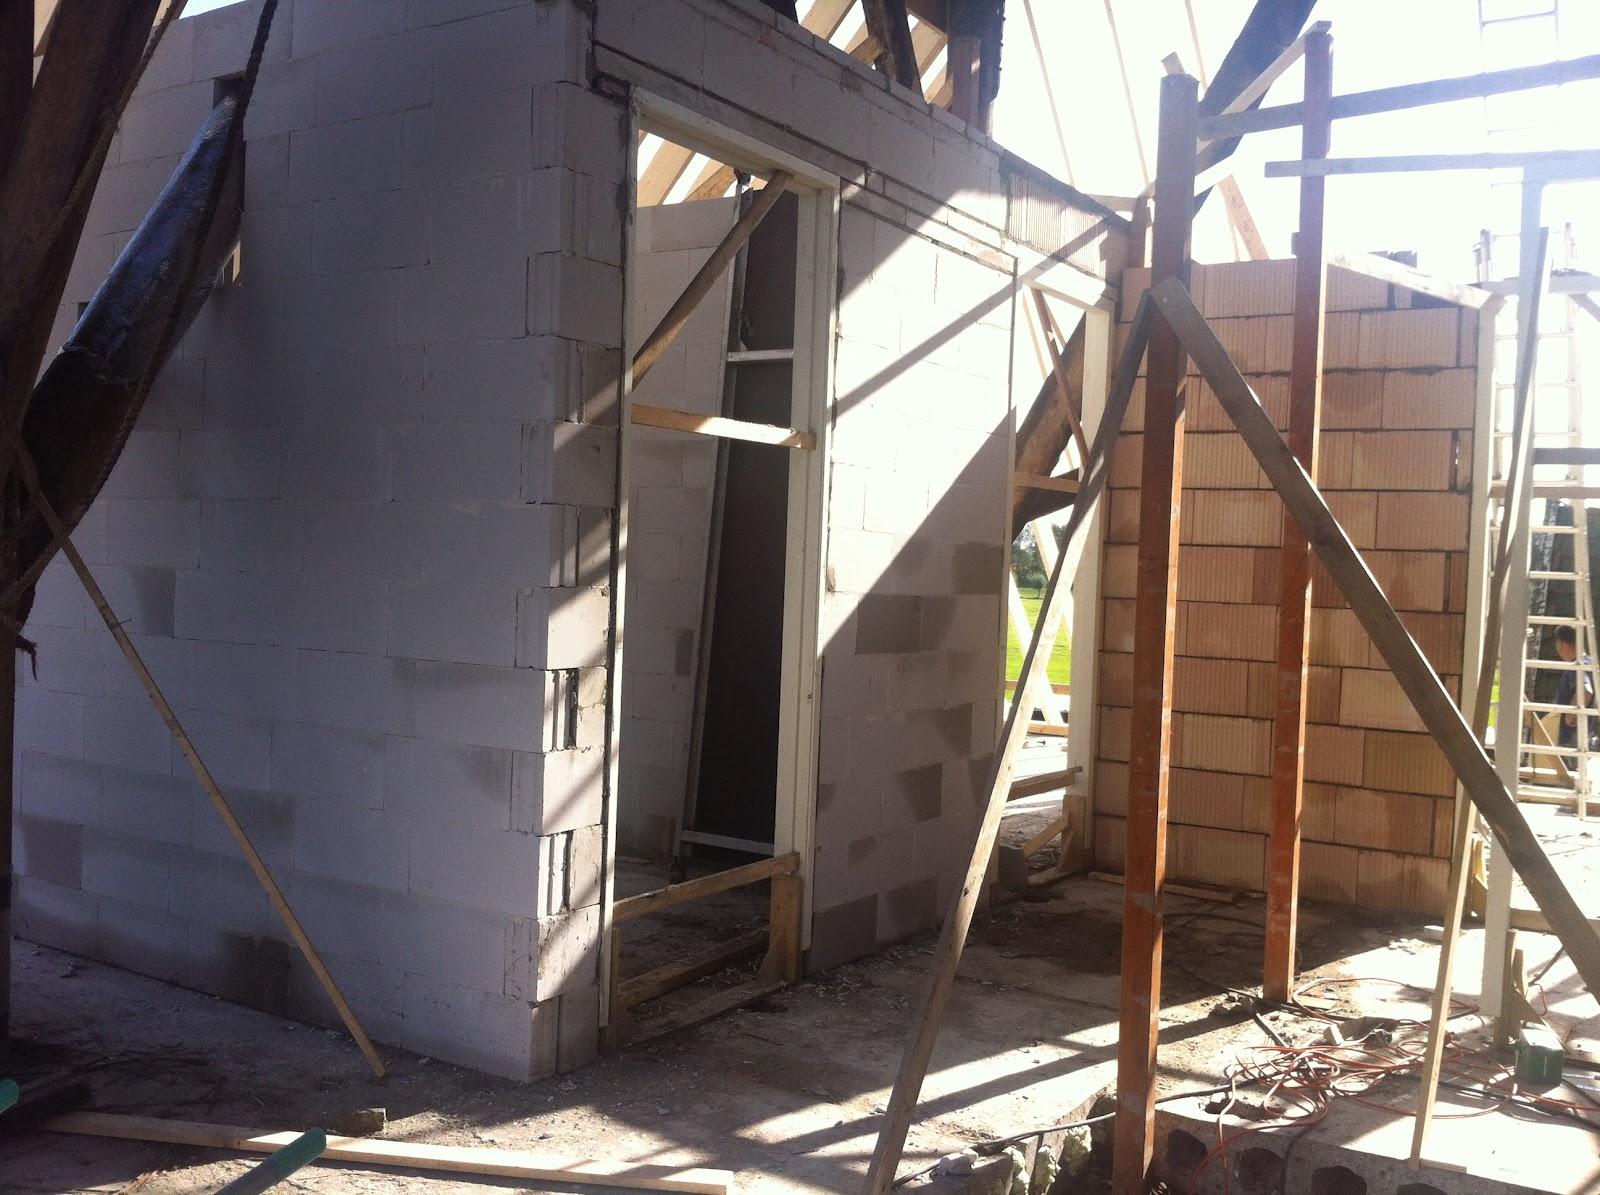 Jacobshoeve bakkum b en b kookstudio vergader en trainingslocatie de eerste verdieping - De meidenkamers ...